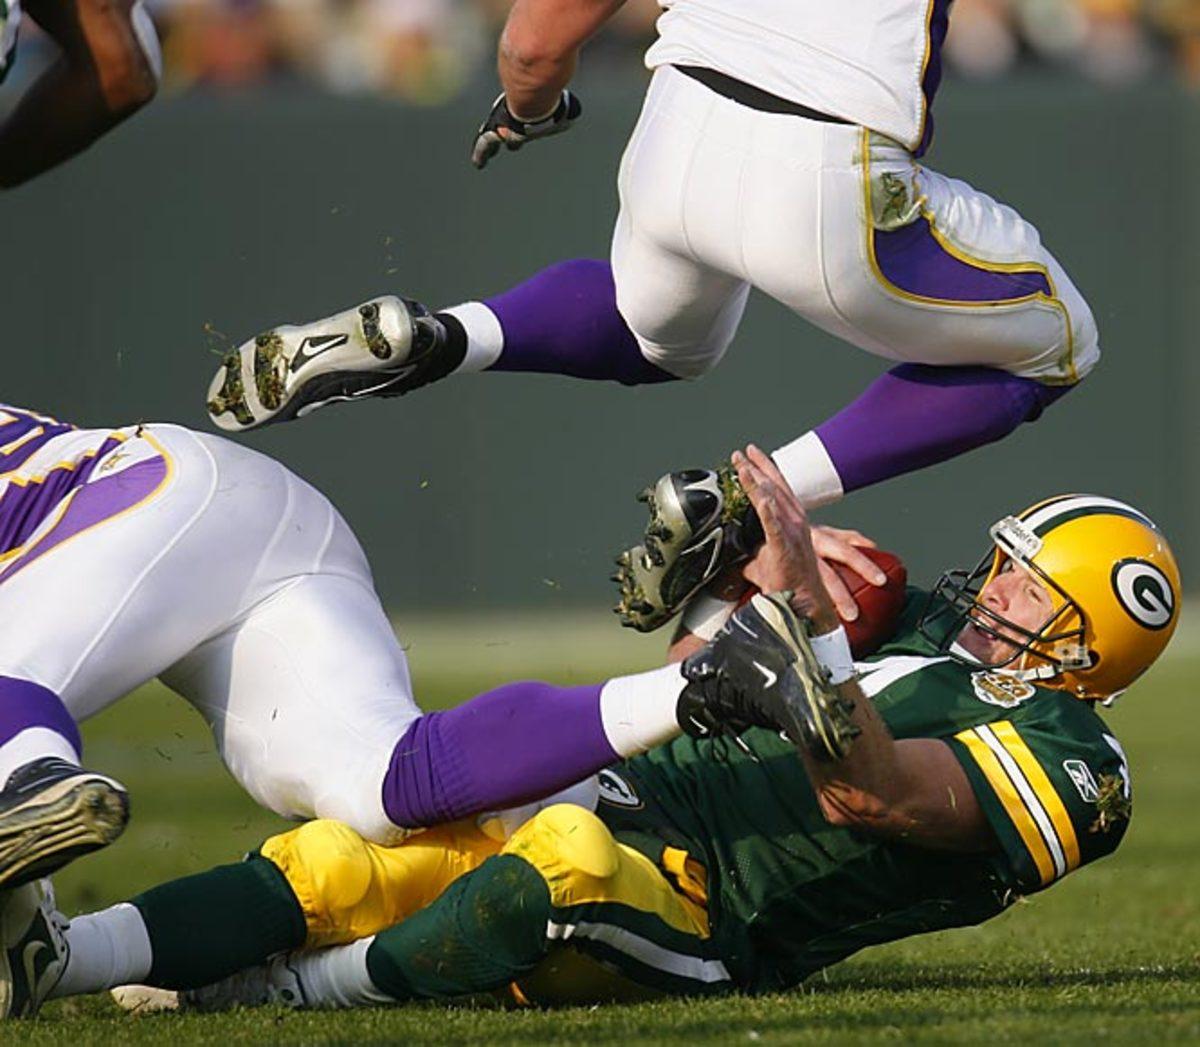 Packers 34, Vikings 0